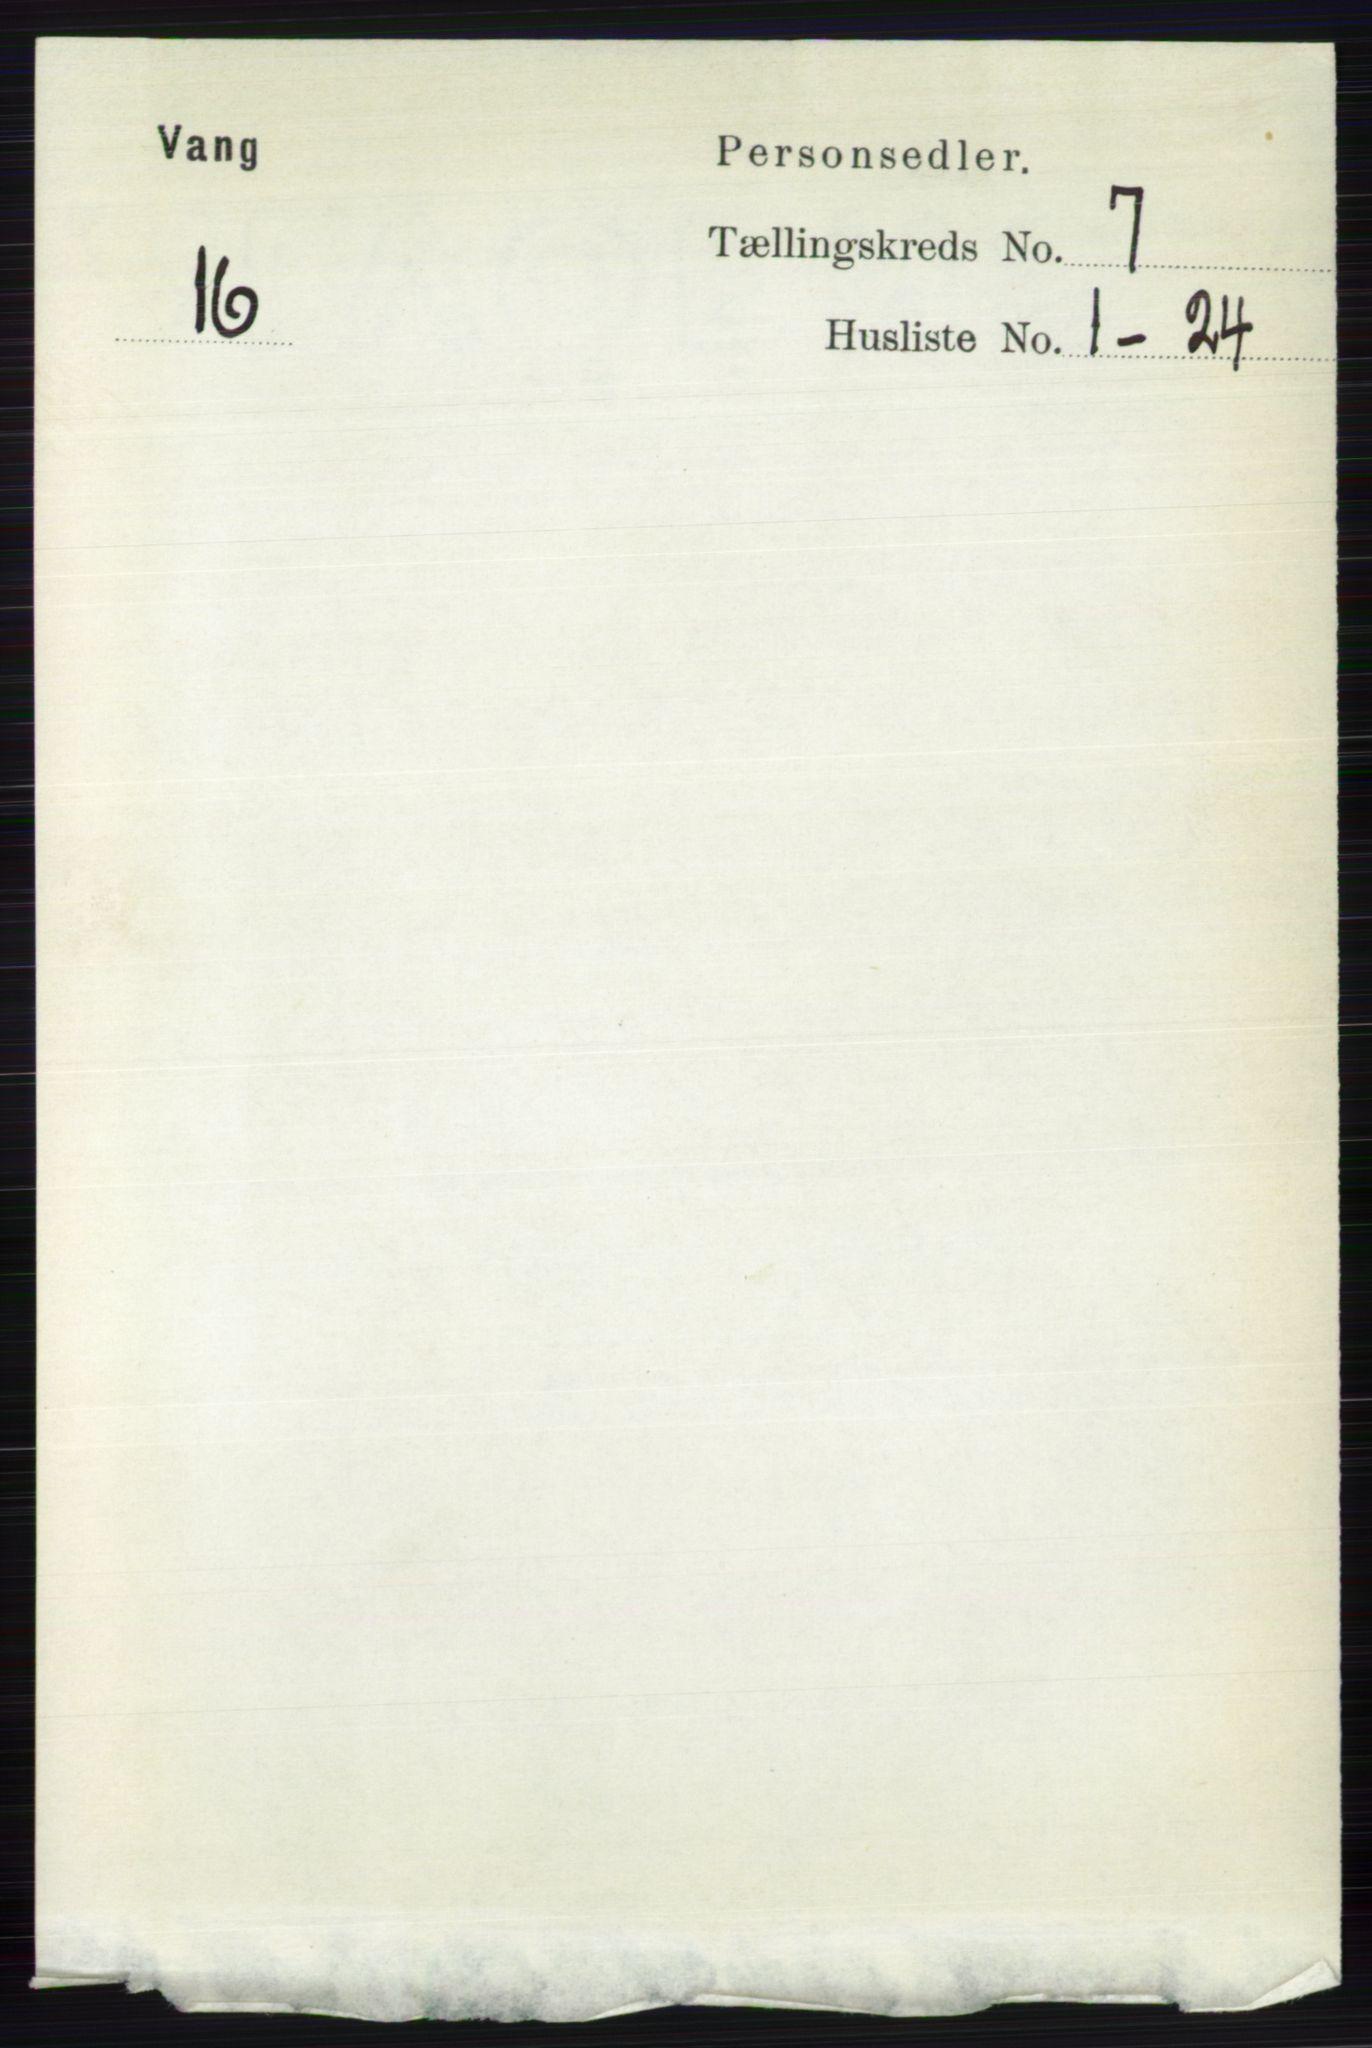 RA, Folketelling 1891 for 0545 Vang herred, 1891, s. 1416